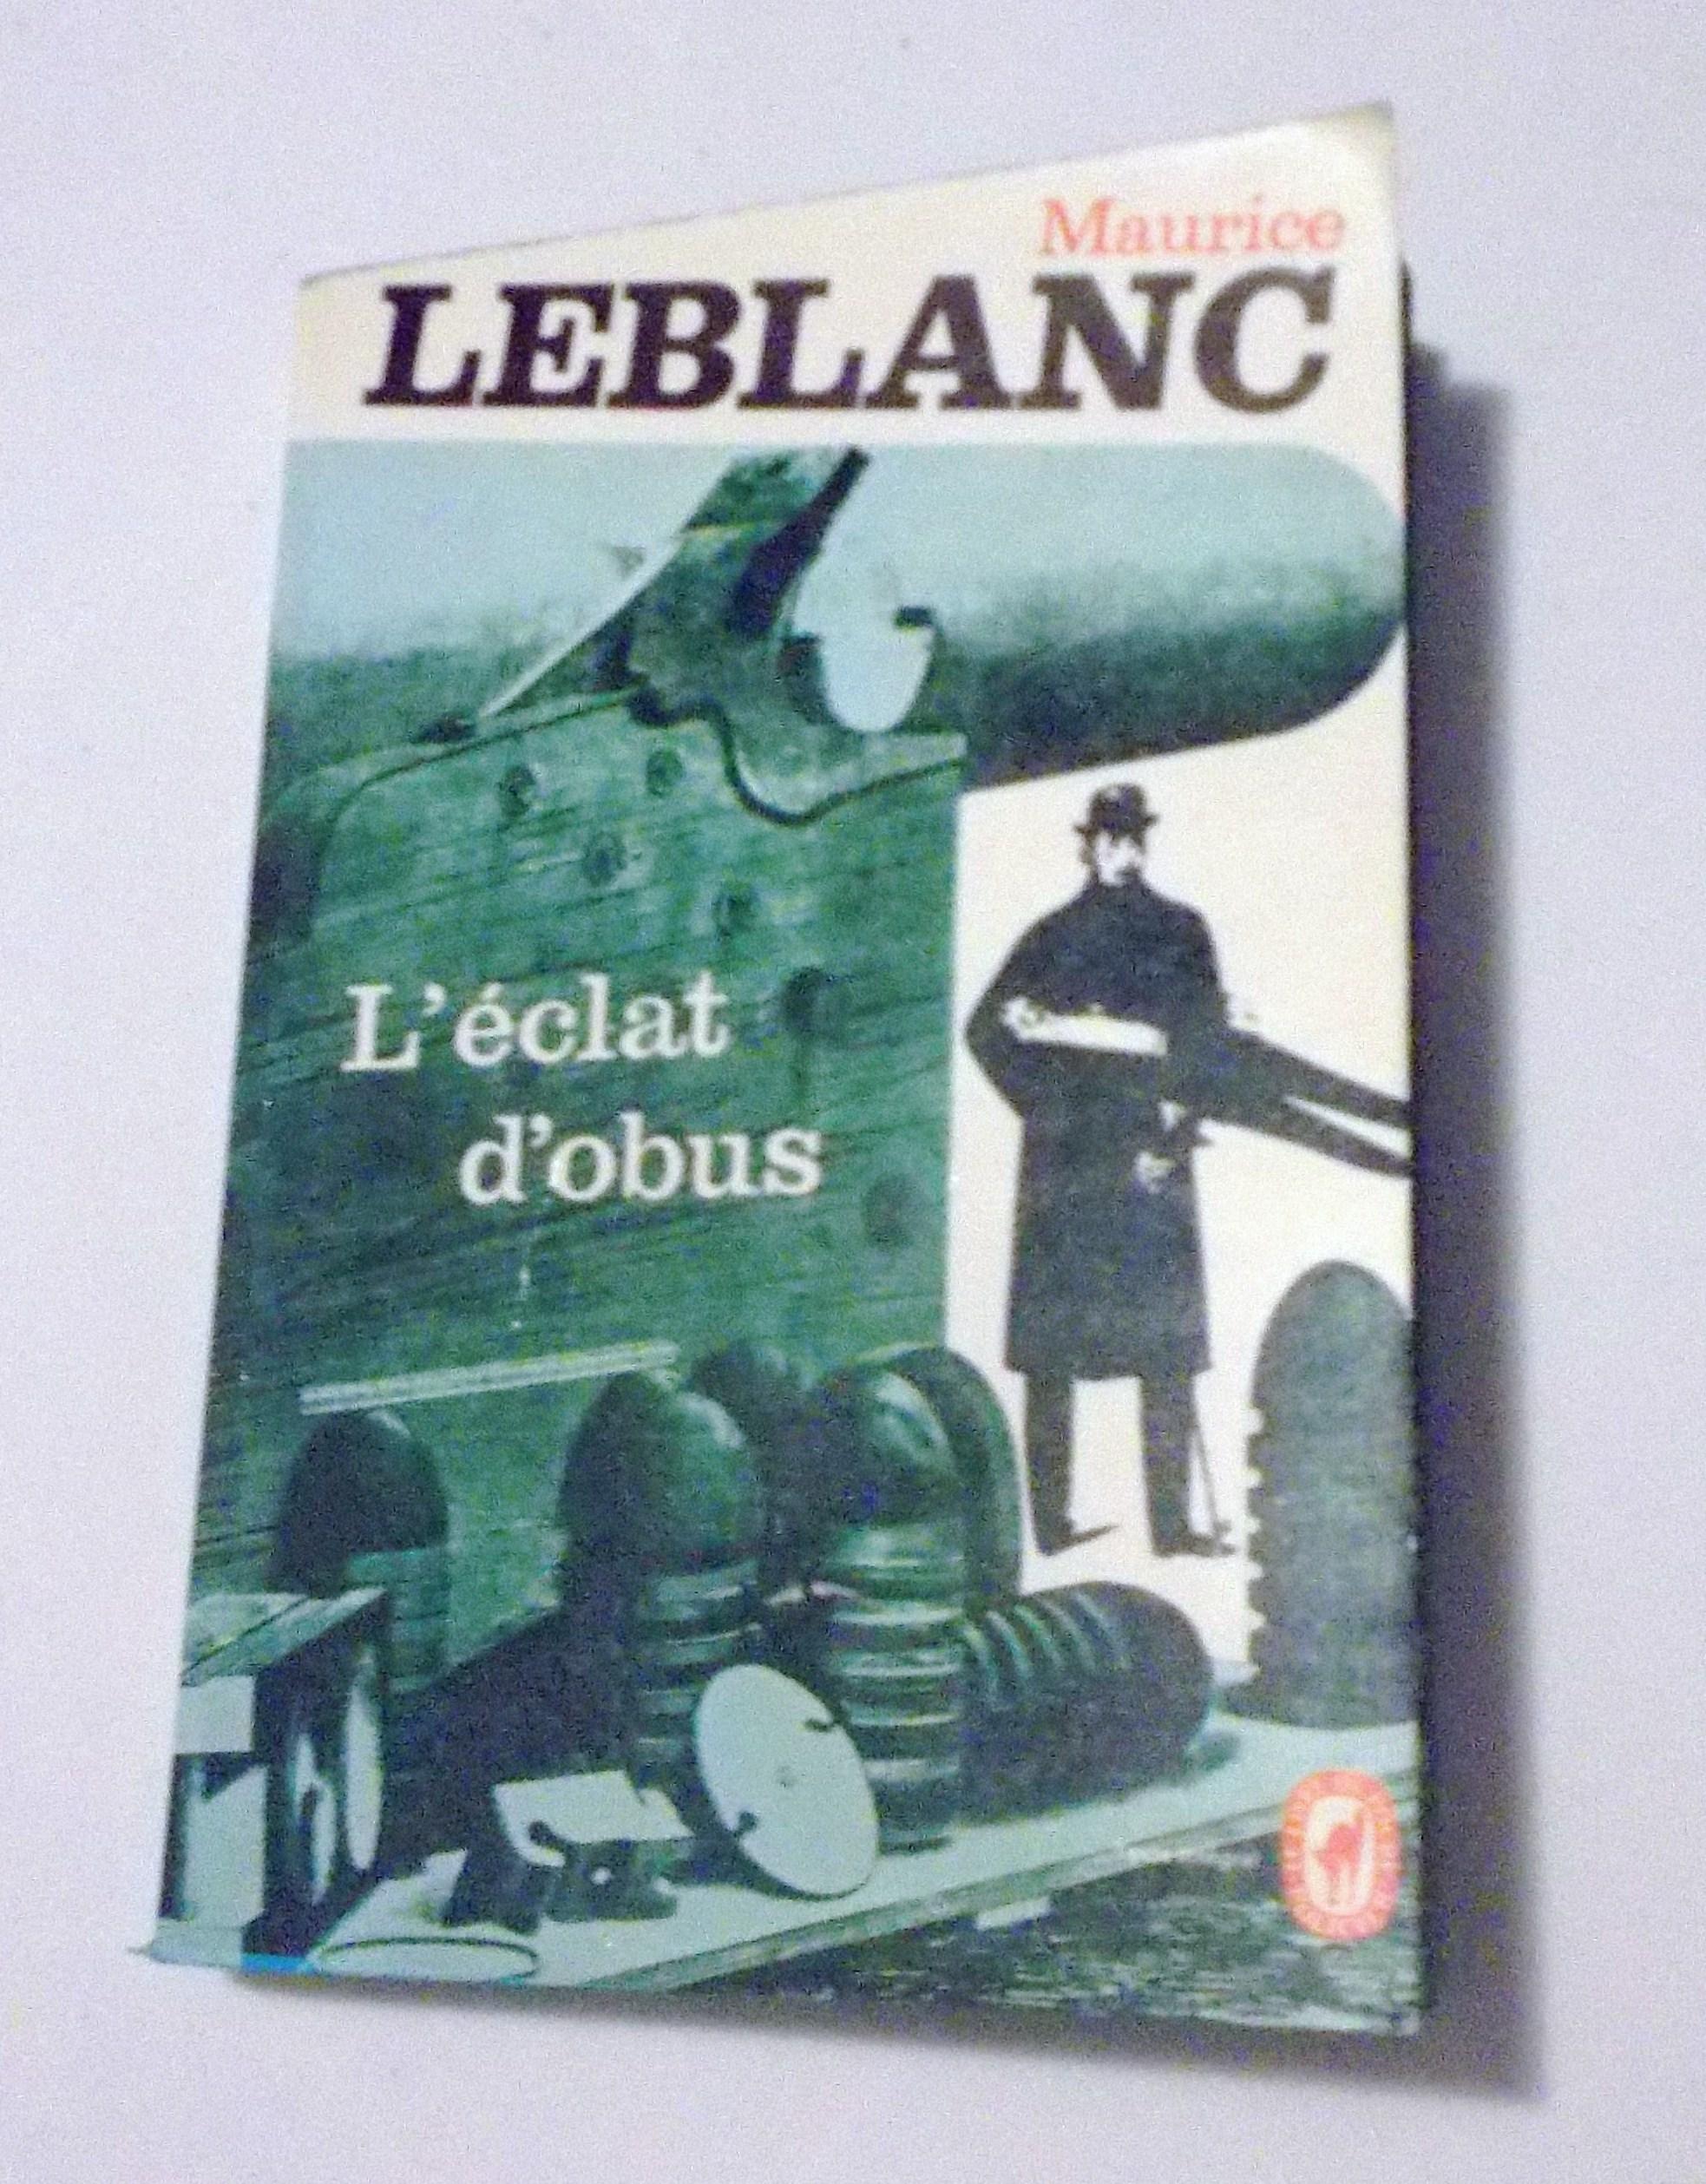 Obus Porte De La Chapelle : porte, chapelle, Présence, D'Arsène, Lupin, L'éclat, D'obus, Emerancega